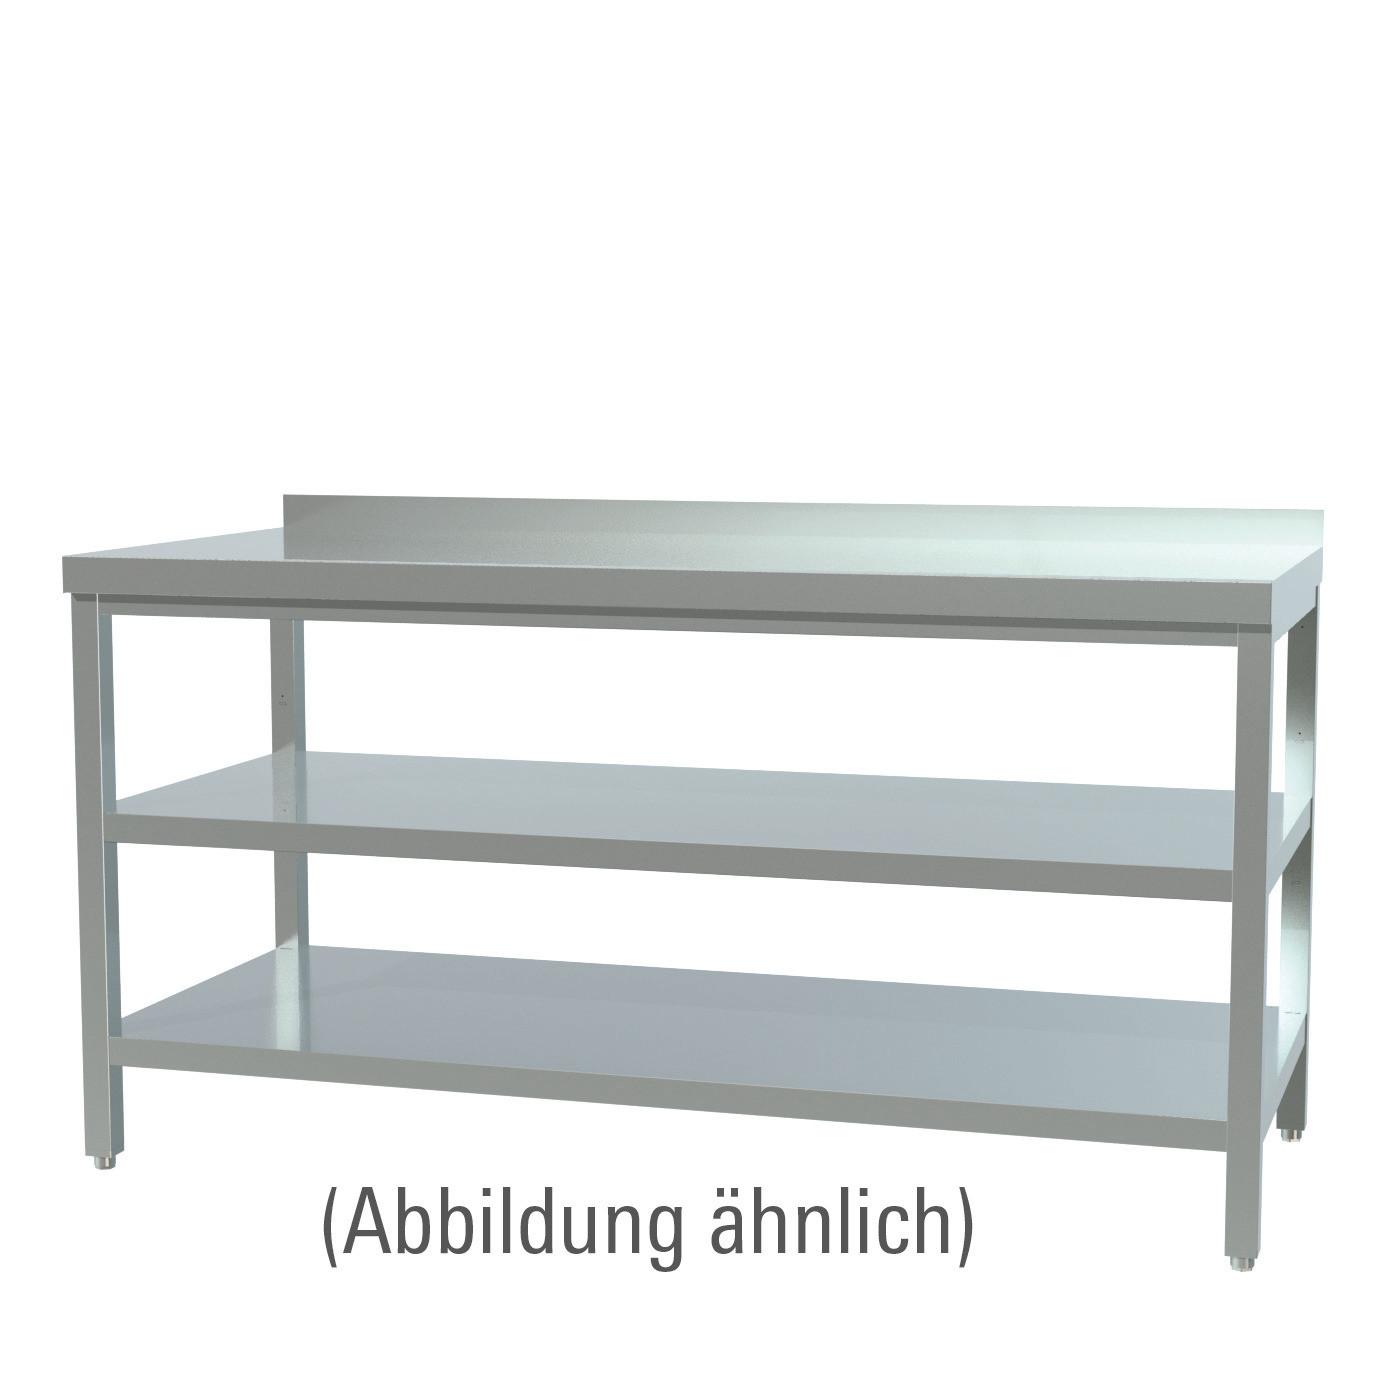 Arbeitstisch verschweißt mit 2 Böden mit 50 mm Aufkantung 1400 x 600 x 850 mm